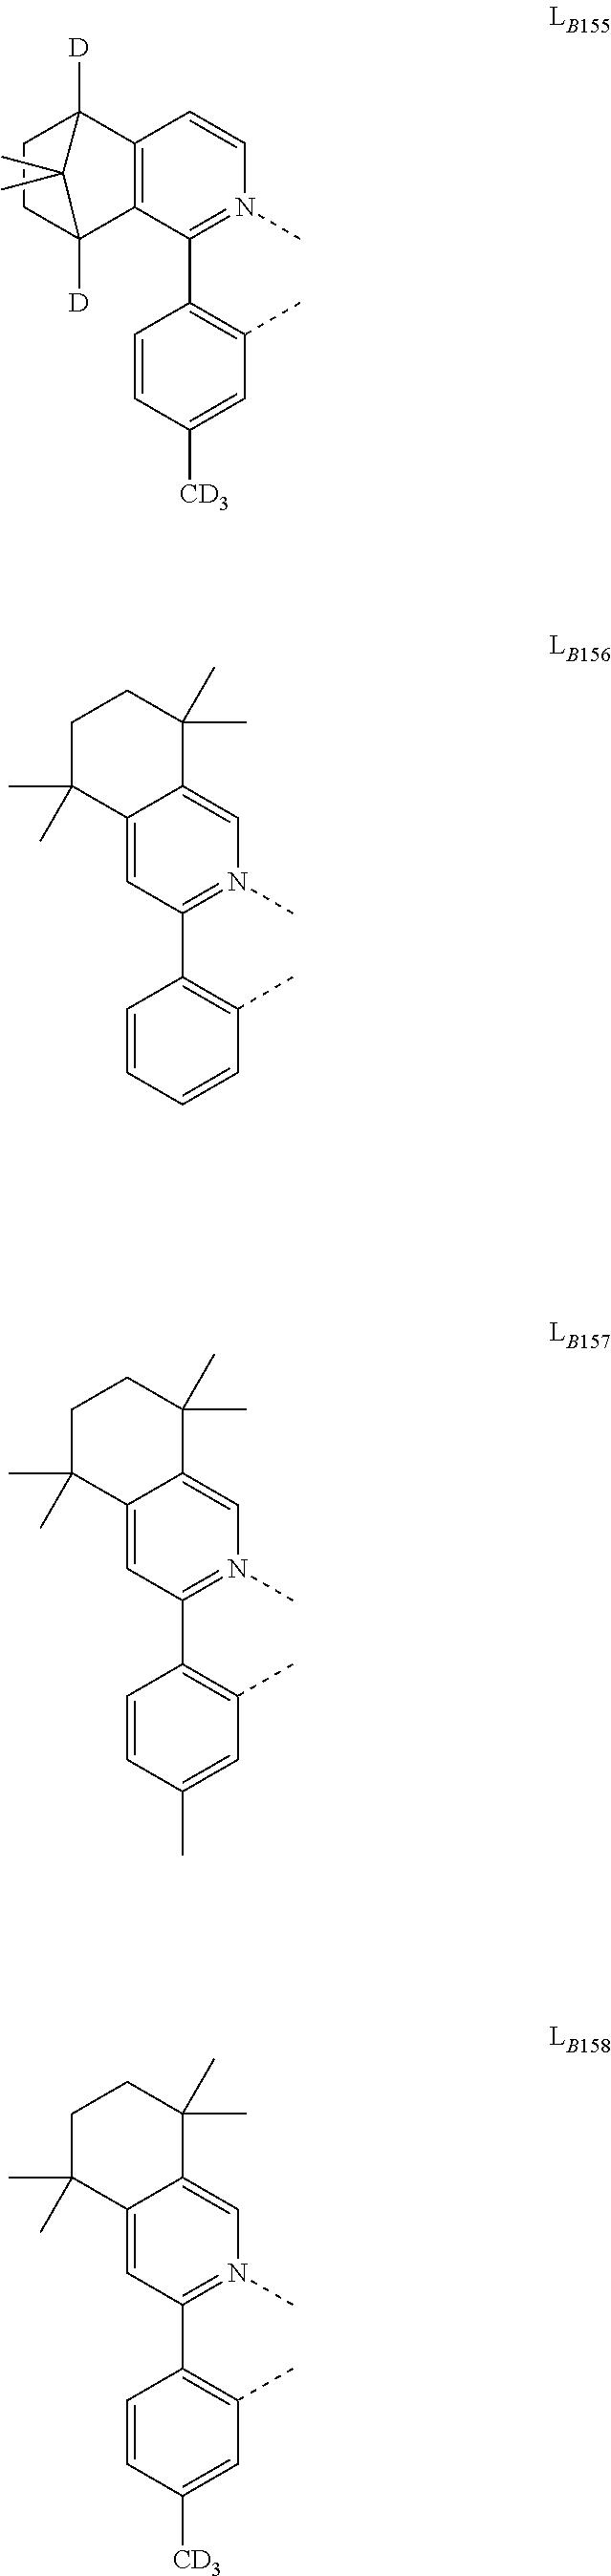 Figure US09929360-20180327-C00070